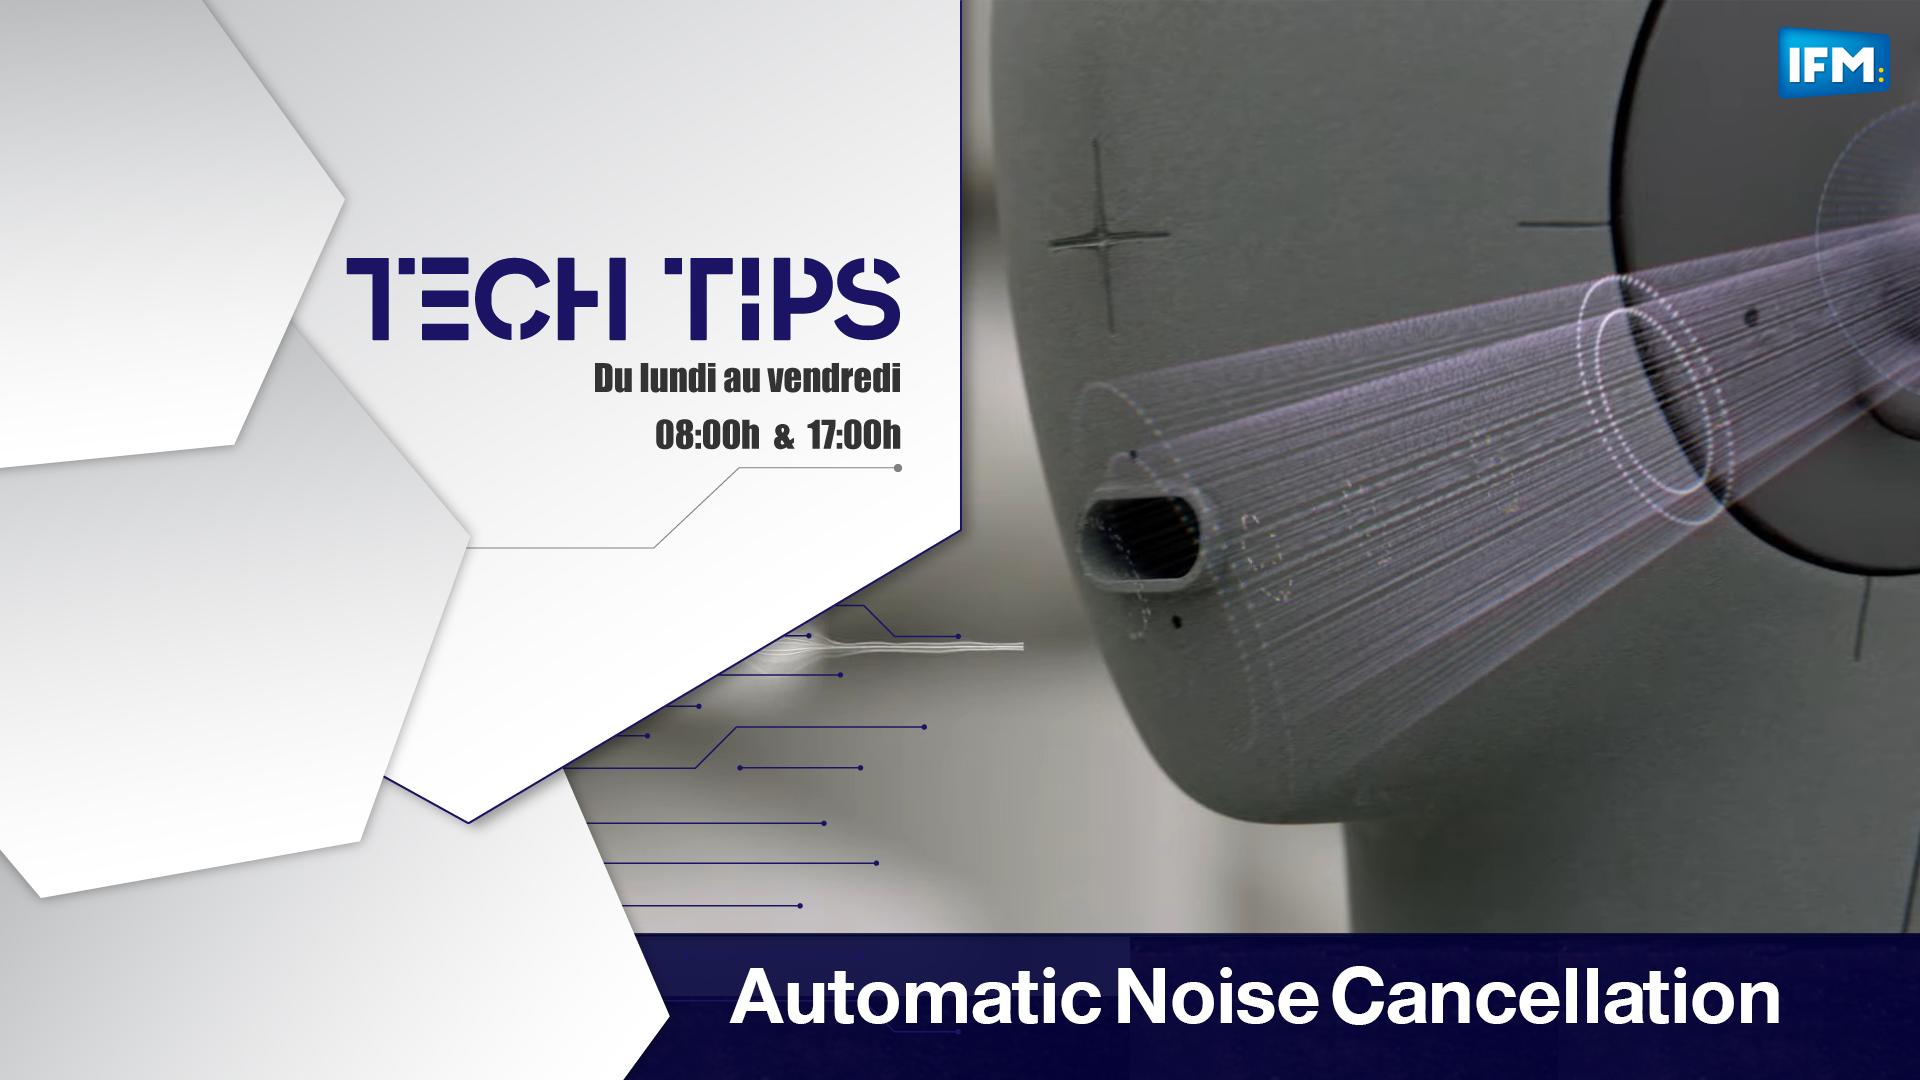 Tech Tips :L'ANC, Automatic Noise Cancellation, devient intelligente Tech Tips